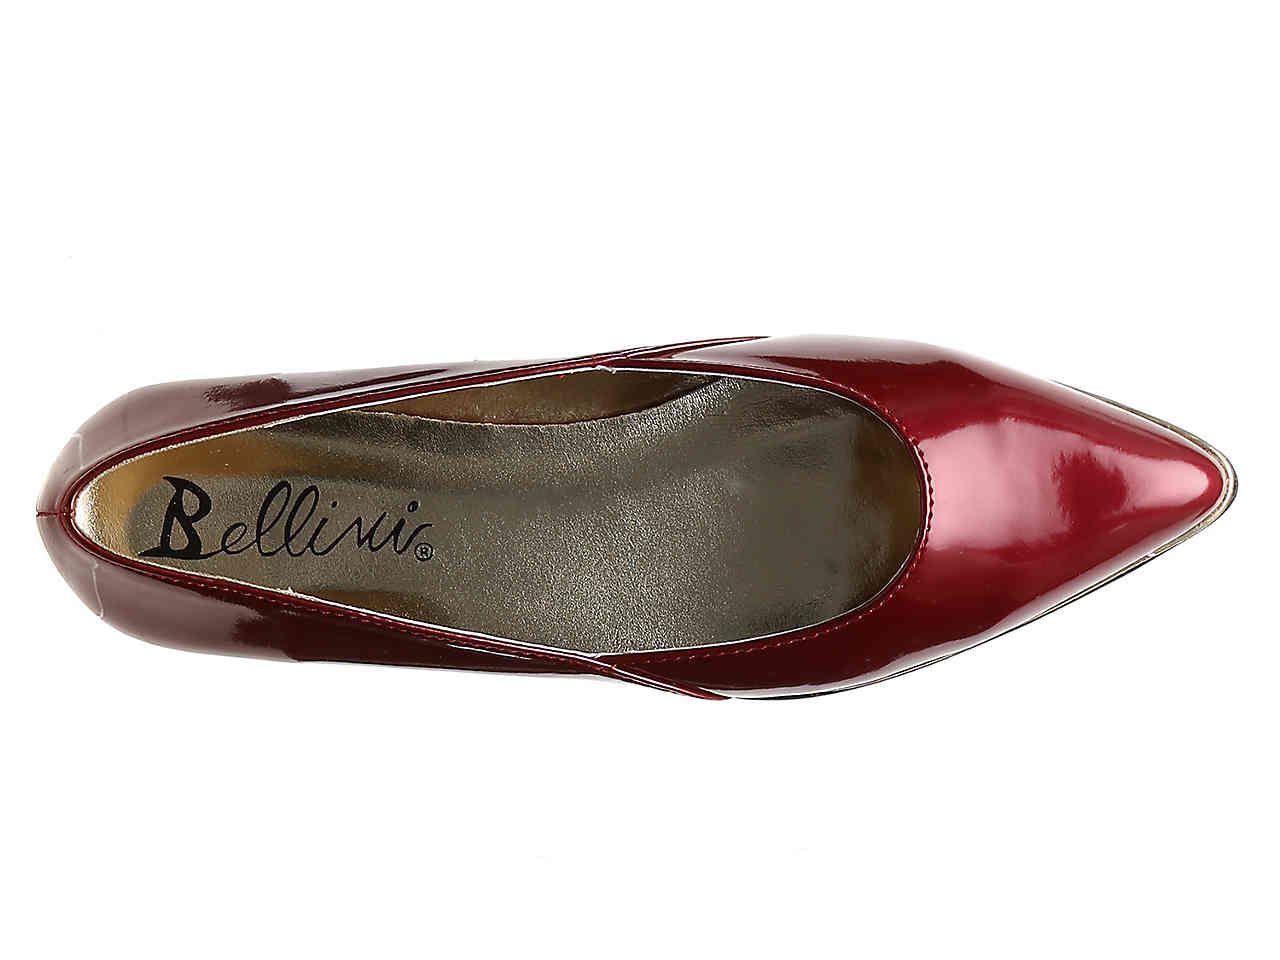 Flat shoes women, Flats, Women shoes